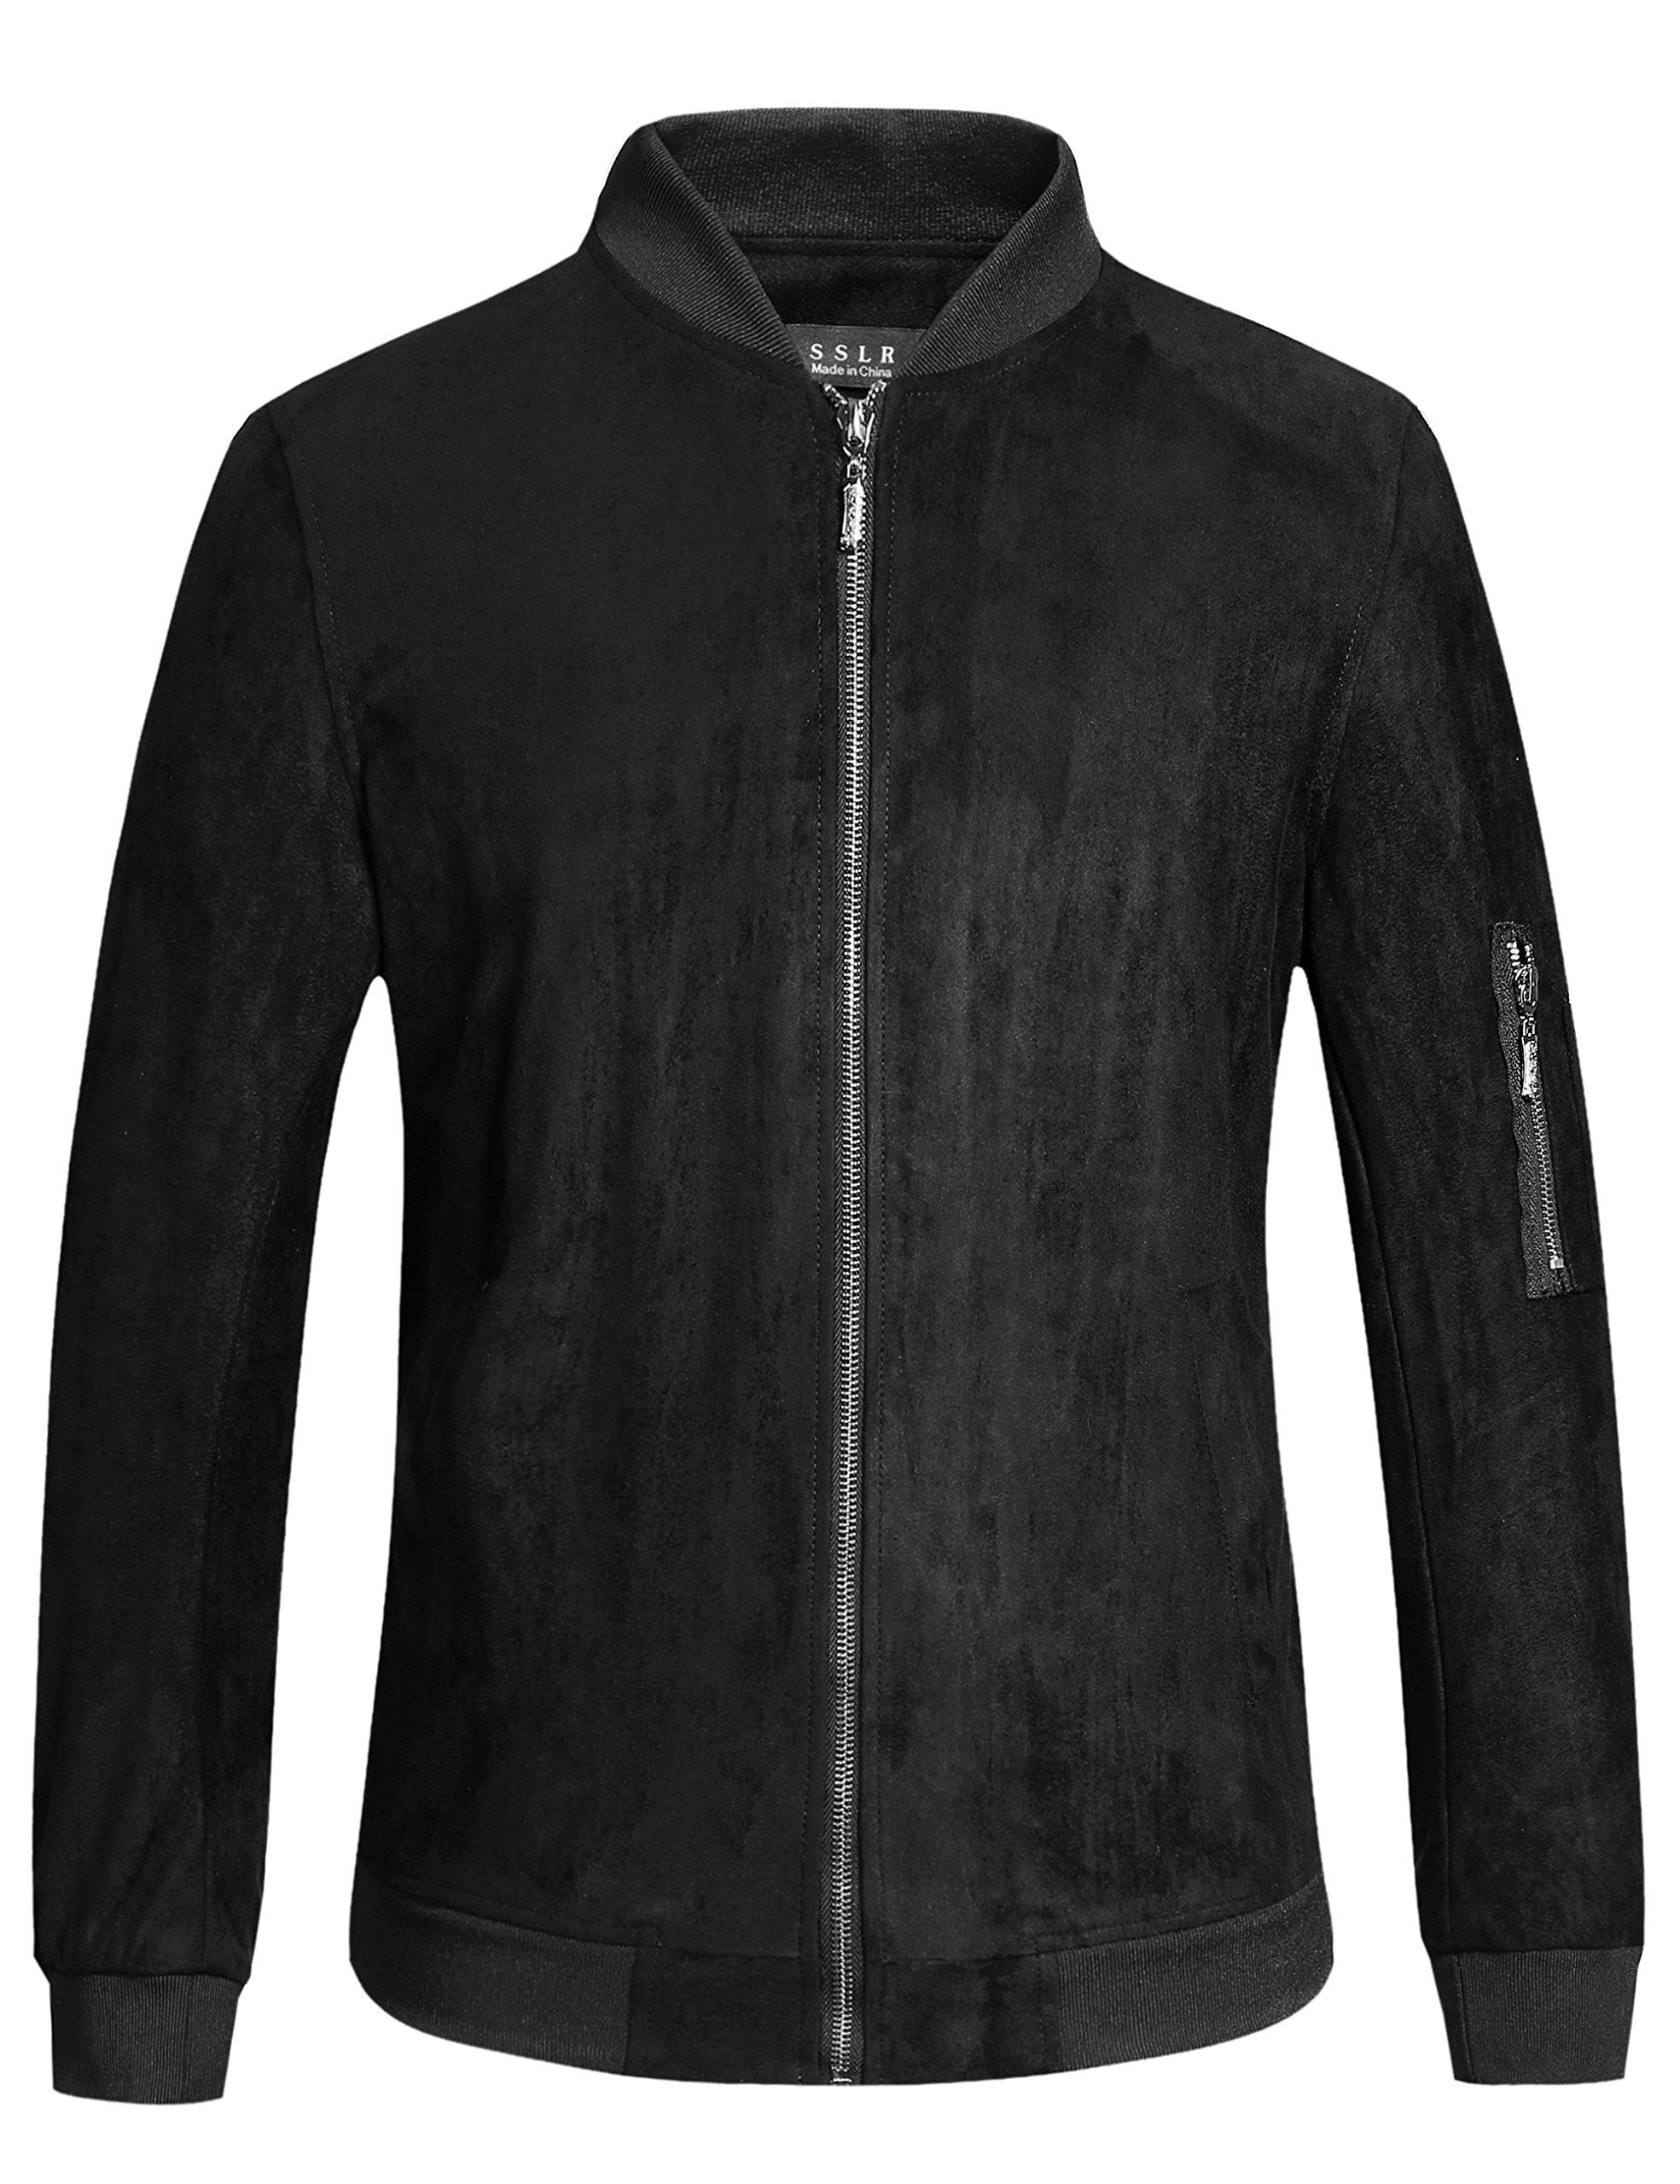 SSLR Men's Lightweight Solid Casual Bomber Suede Jacket (Large, Black)